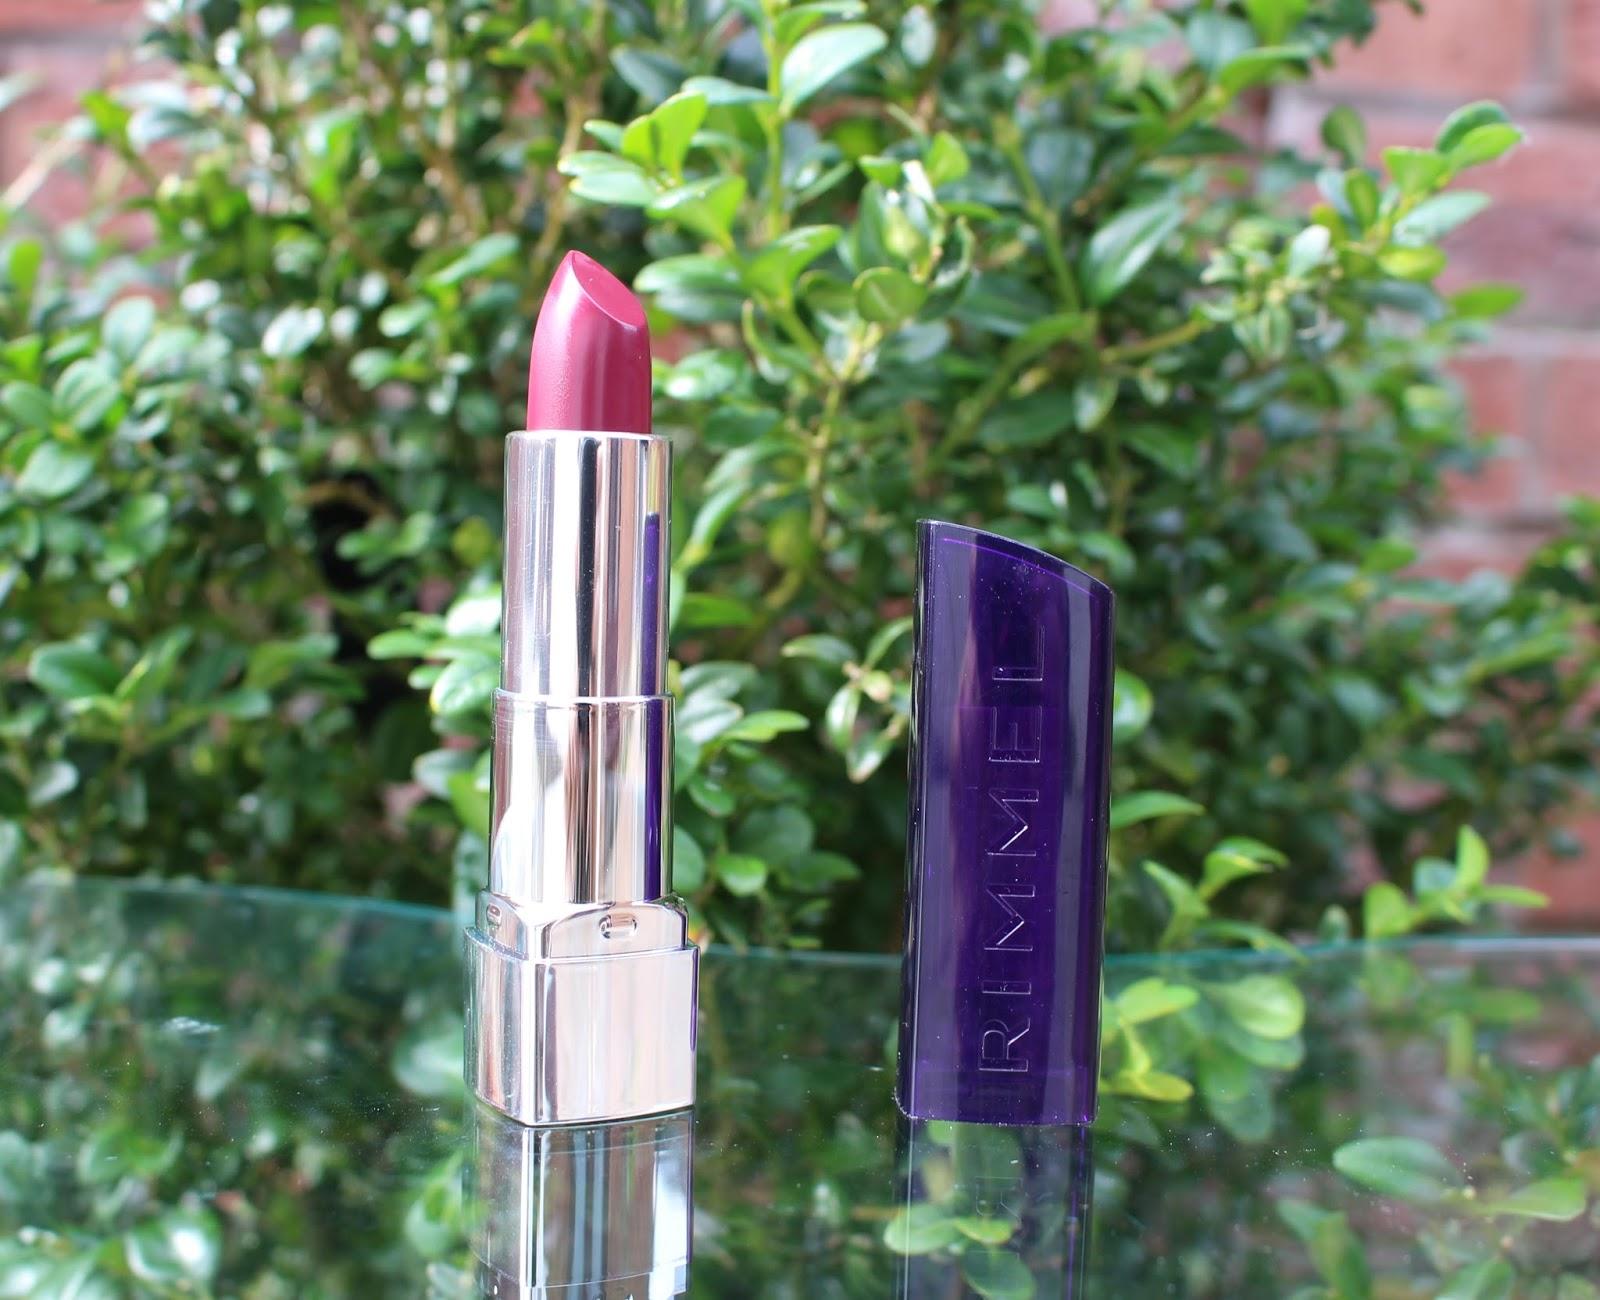 Rimmel Moisture Renew Glam Plum Fulham, Rimmel Moisture Renew lipstick reivew, Rimmel moisture renew lipstick, rimmel, a/w lipstick, lipstick, through chelsea's eyes, review,